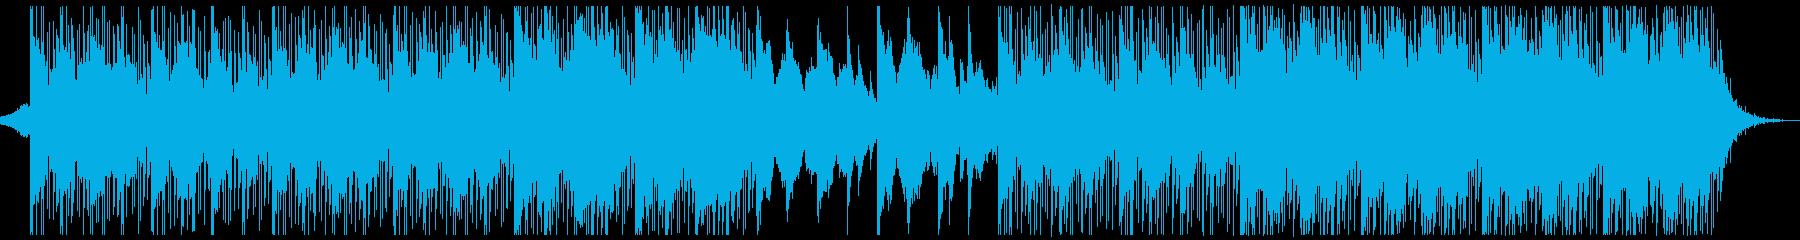 躍動感,オシャレCM、ドラム無バージョンの再生済みの波形